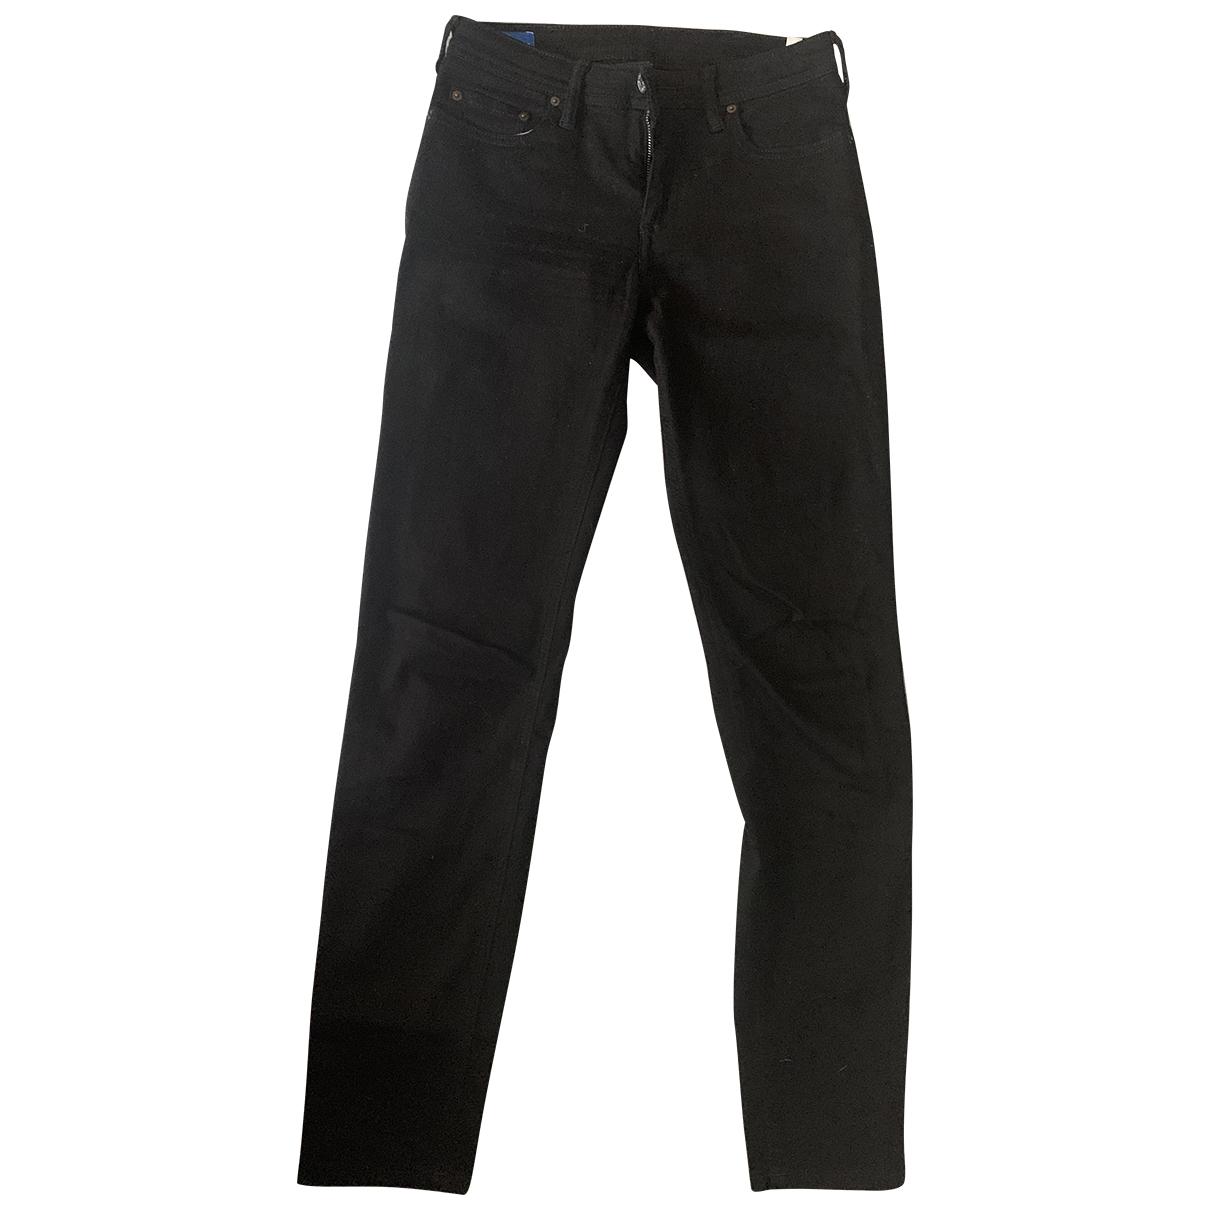 Acne Studios Blå Konst Black Cotton - elasthane Jeans for Women 27 US